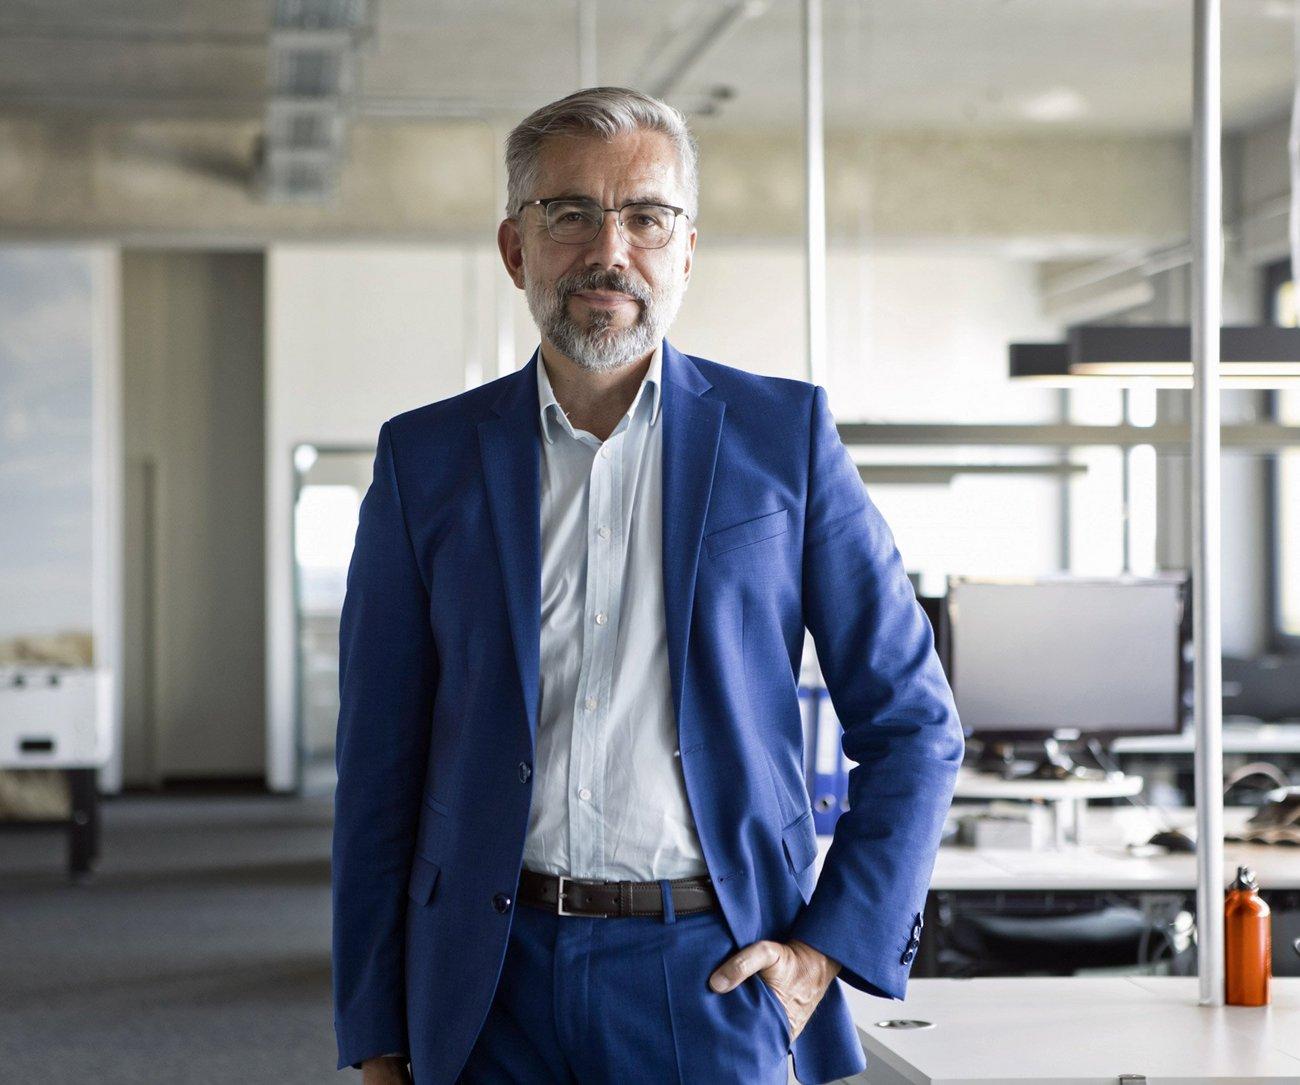 Geschäftsmann im blauen Anzug im modernen Buroraum